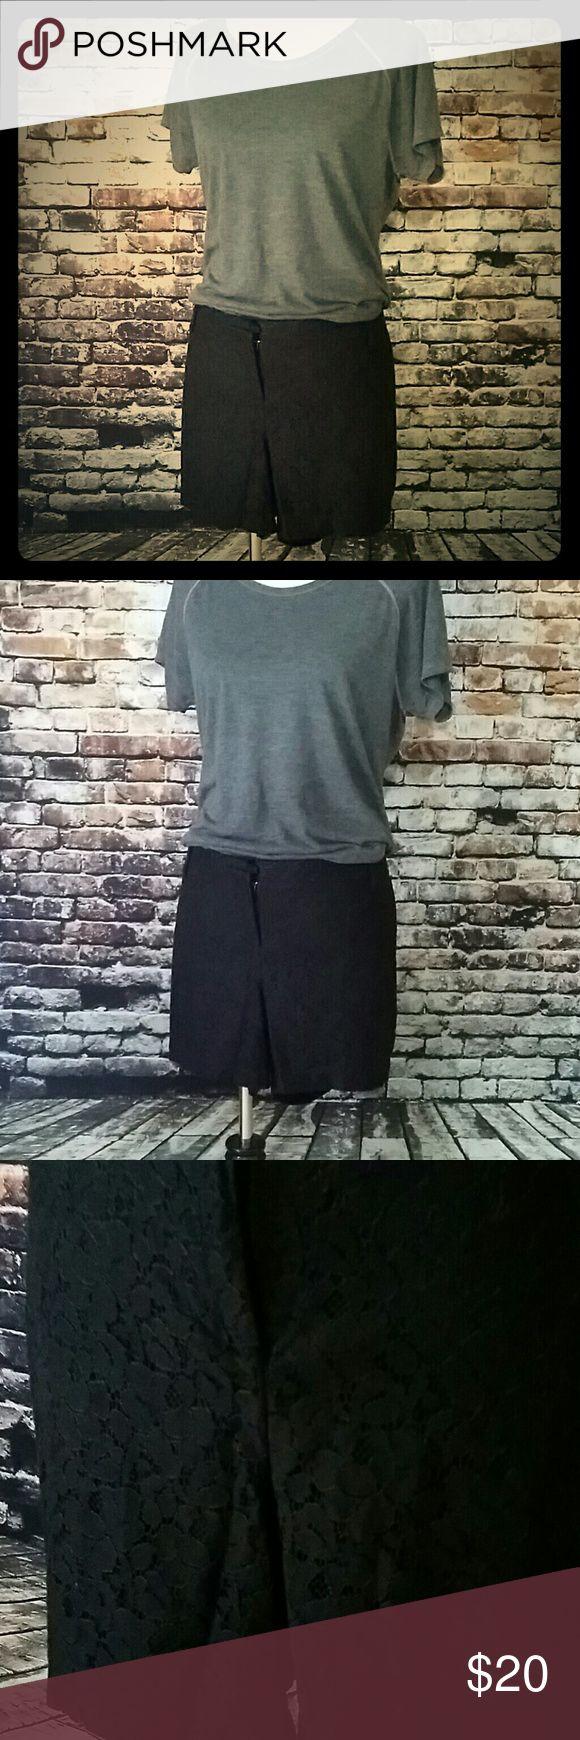 Torrid black lace shorts Torrid black lace shorts torrid Shorts